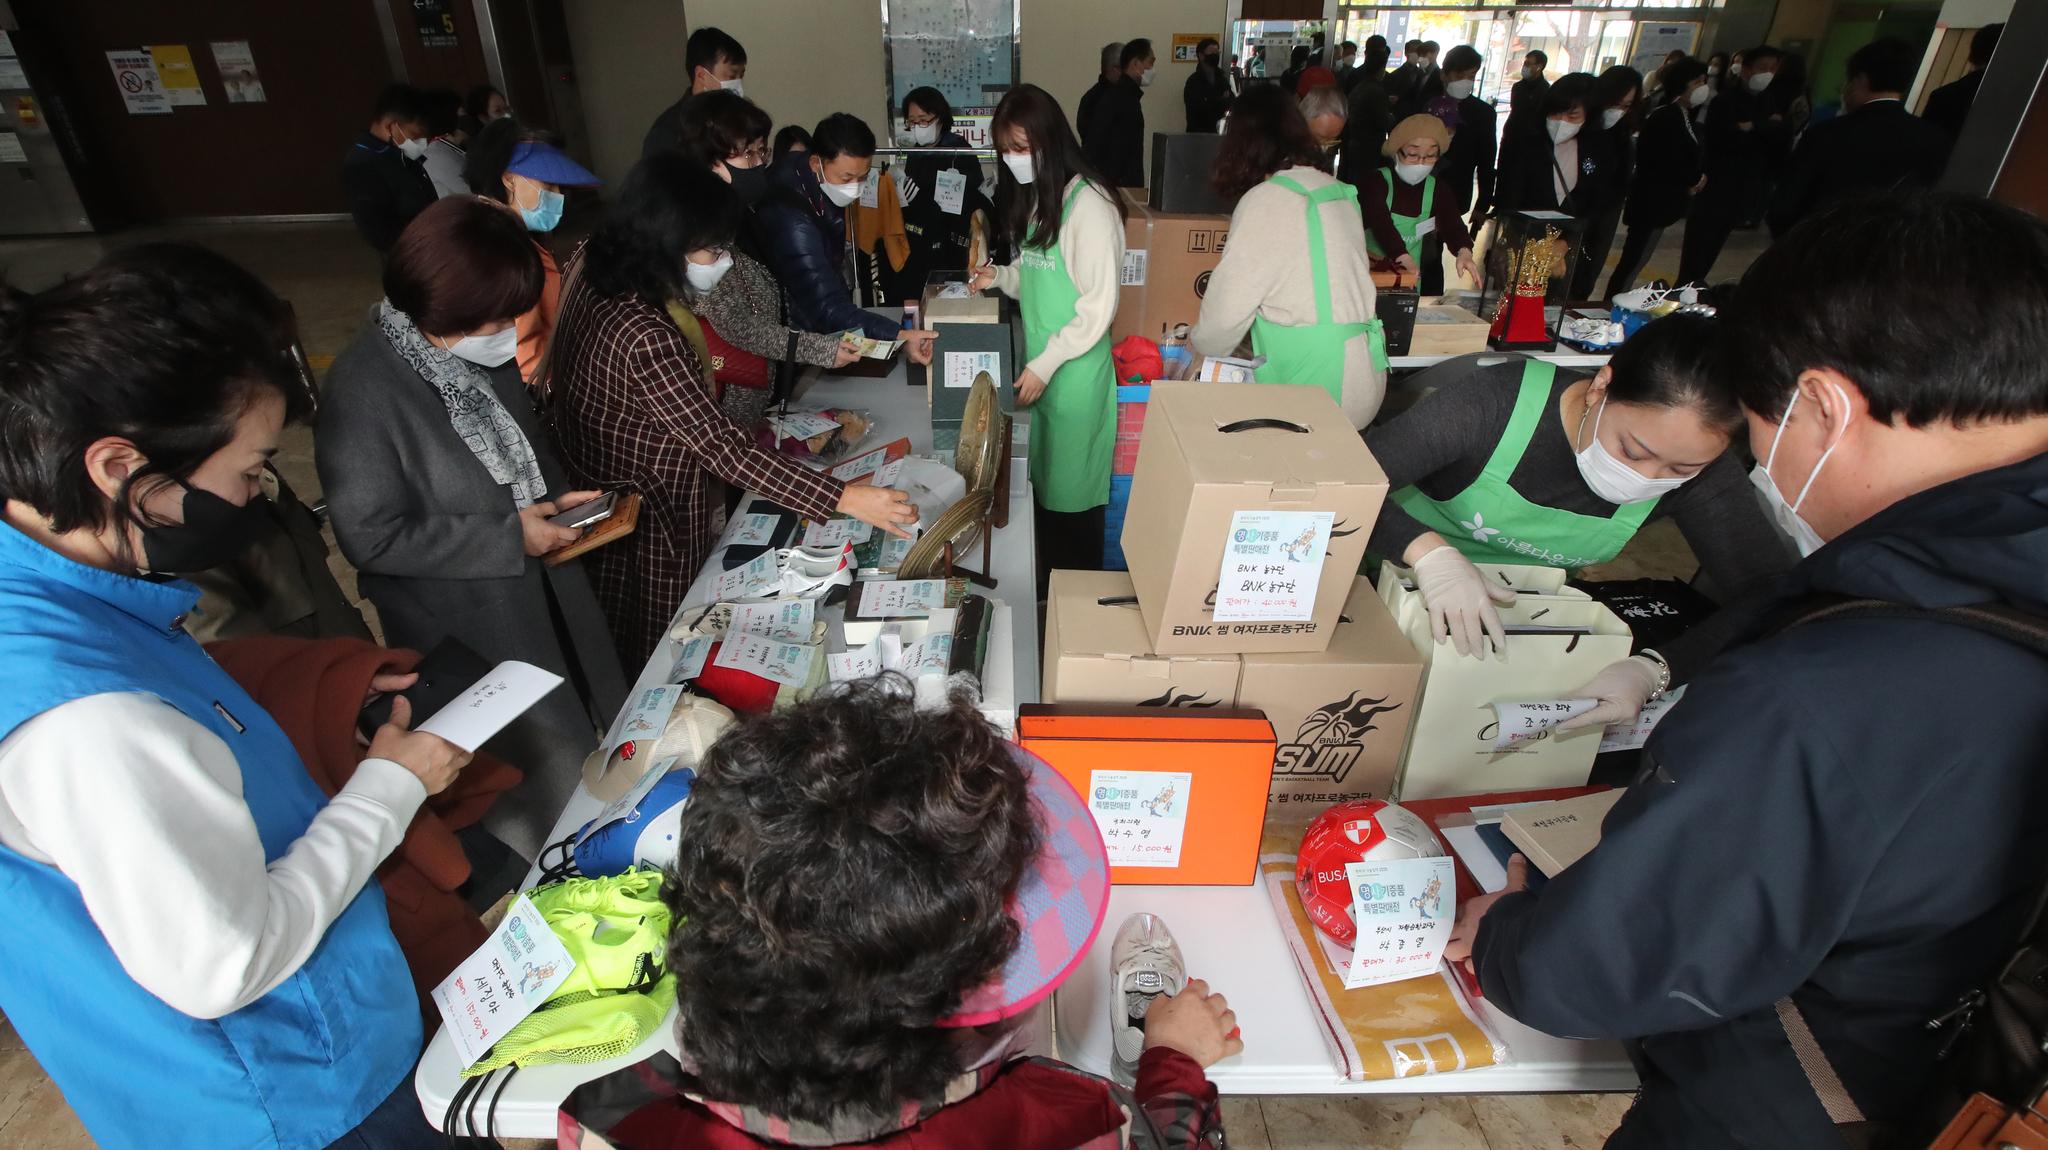 위아자나눔장터 2020 부산행사가 14일 부산 지하철1호선 아름다운가게 명륜역점에서 열려 시민들이 명사기증품을 살펴보고 있다. 송봉근 기자 20201114